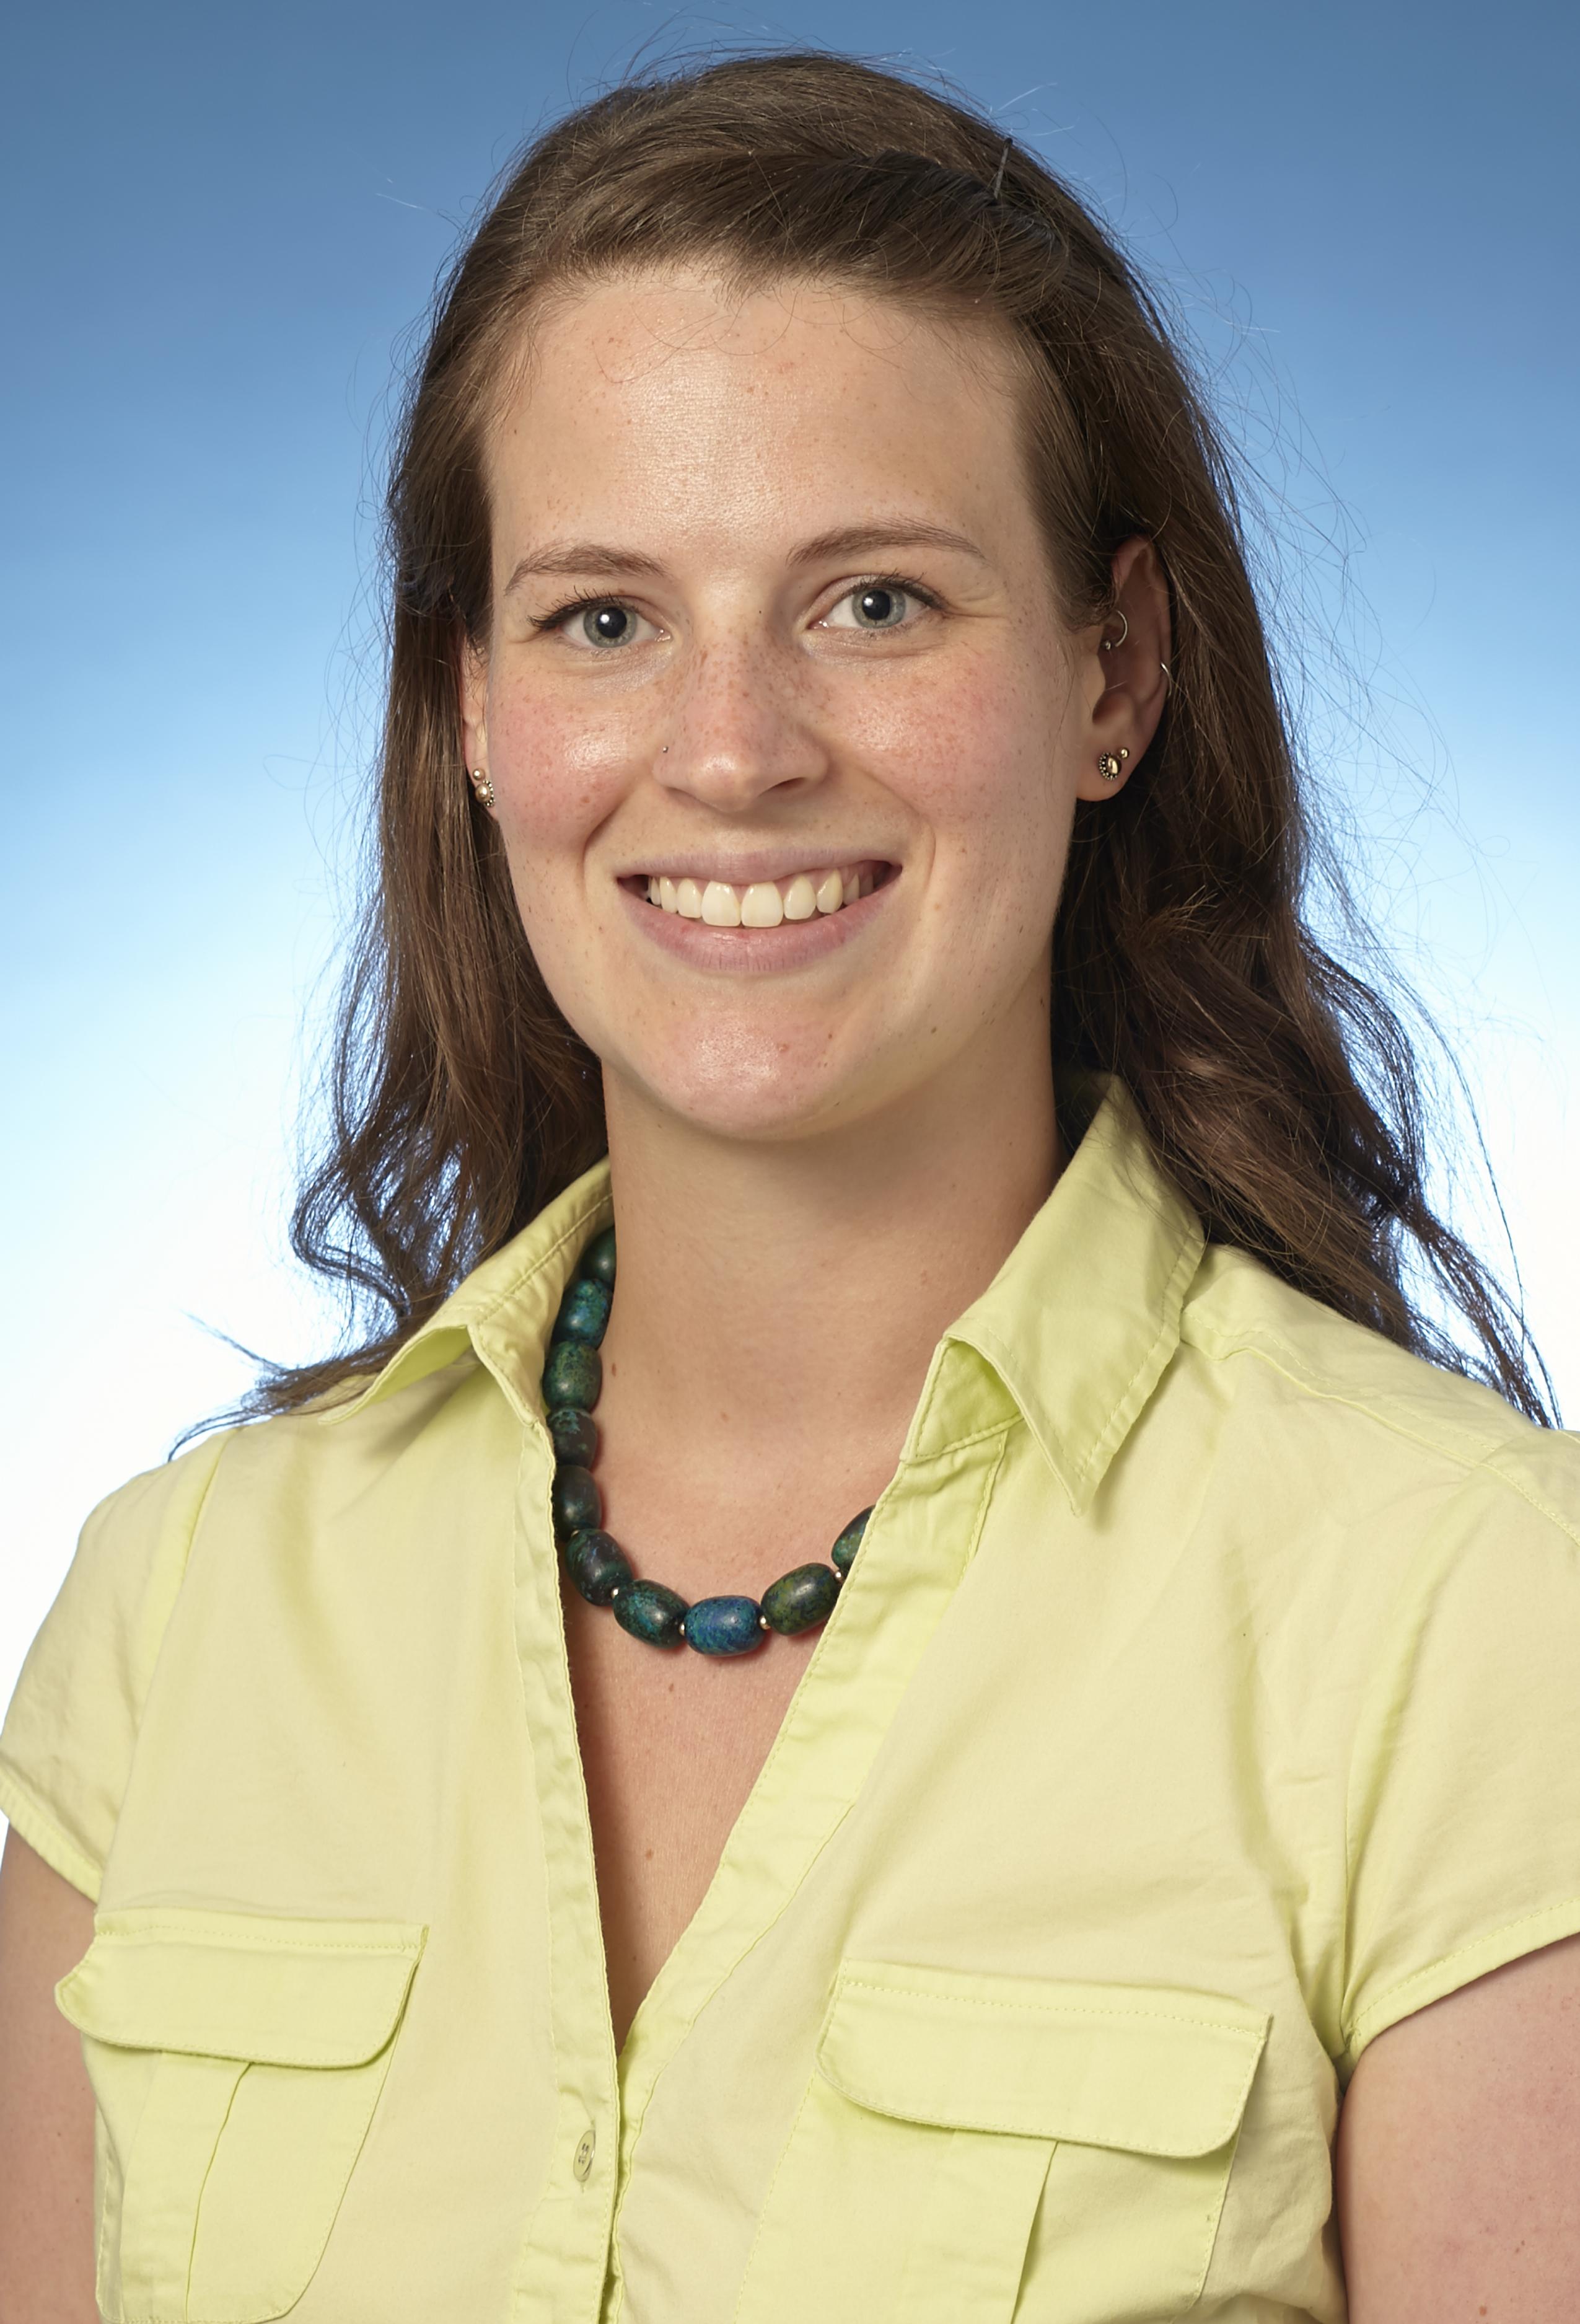 Sarah Baltzley headshot